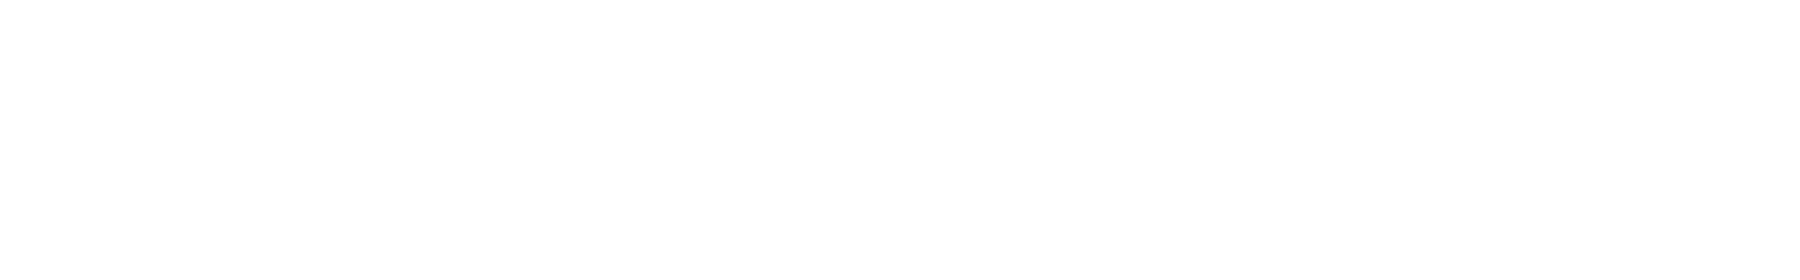 ehp percloop 130 06